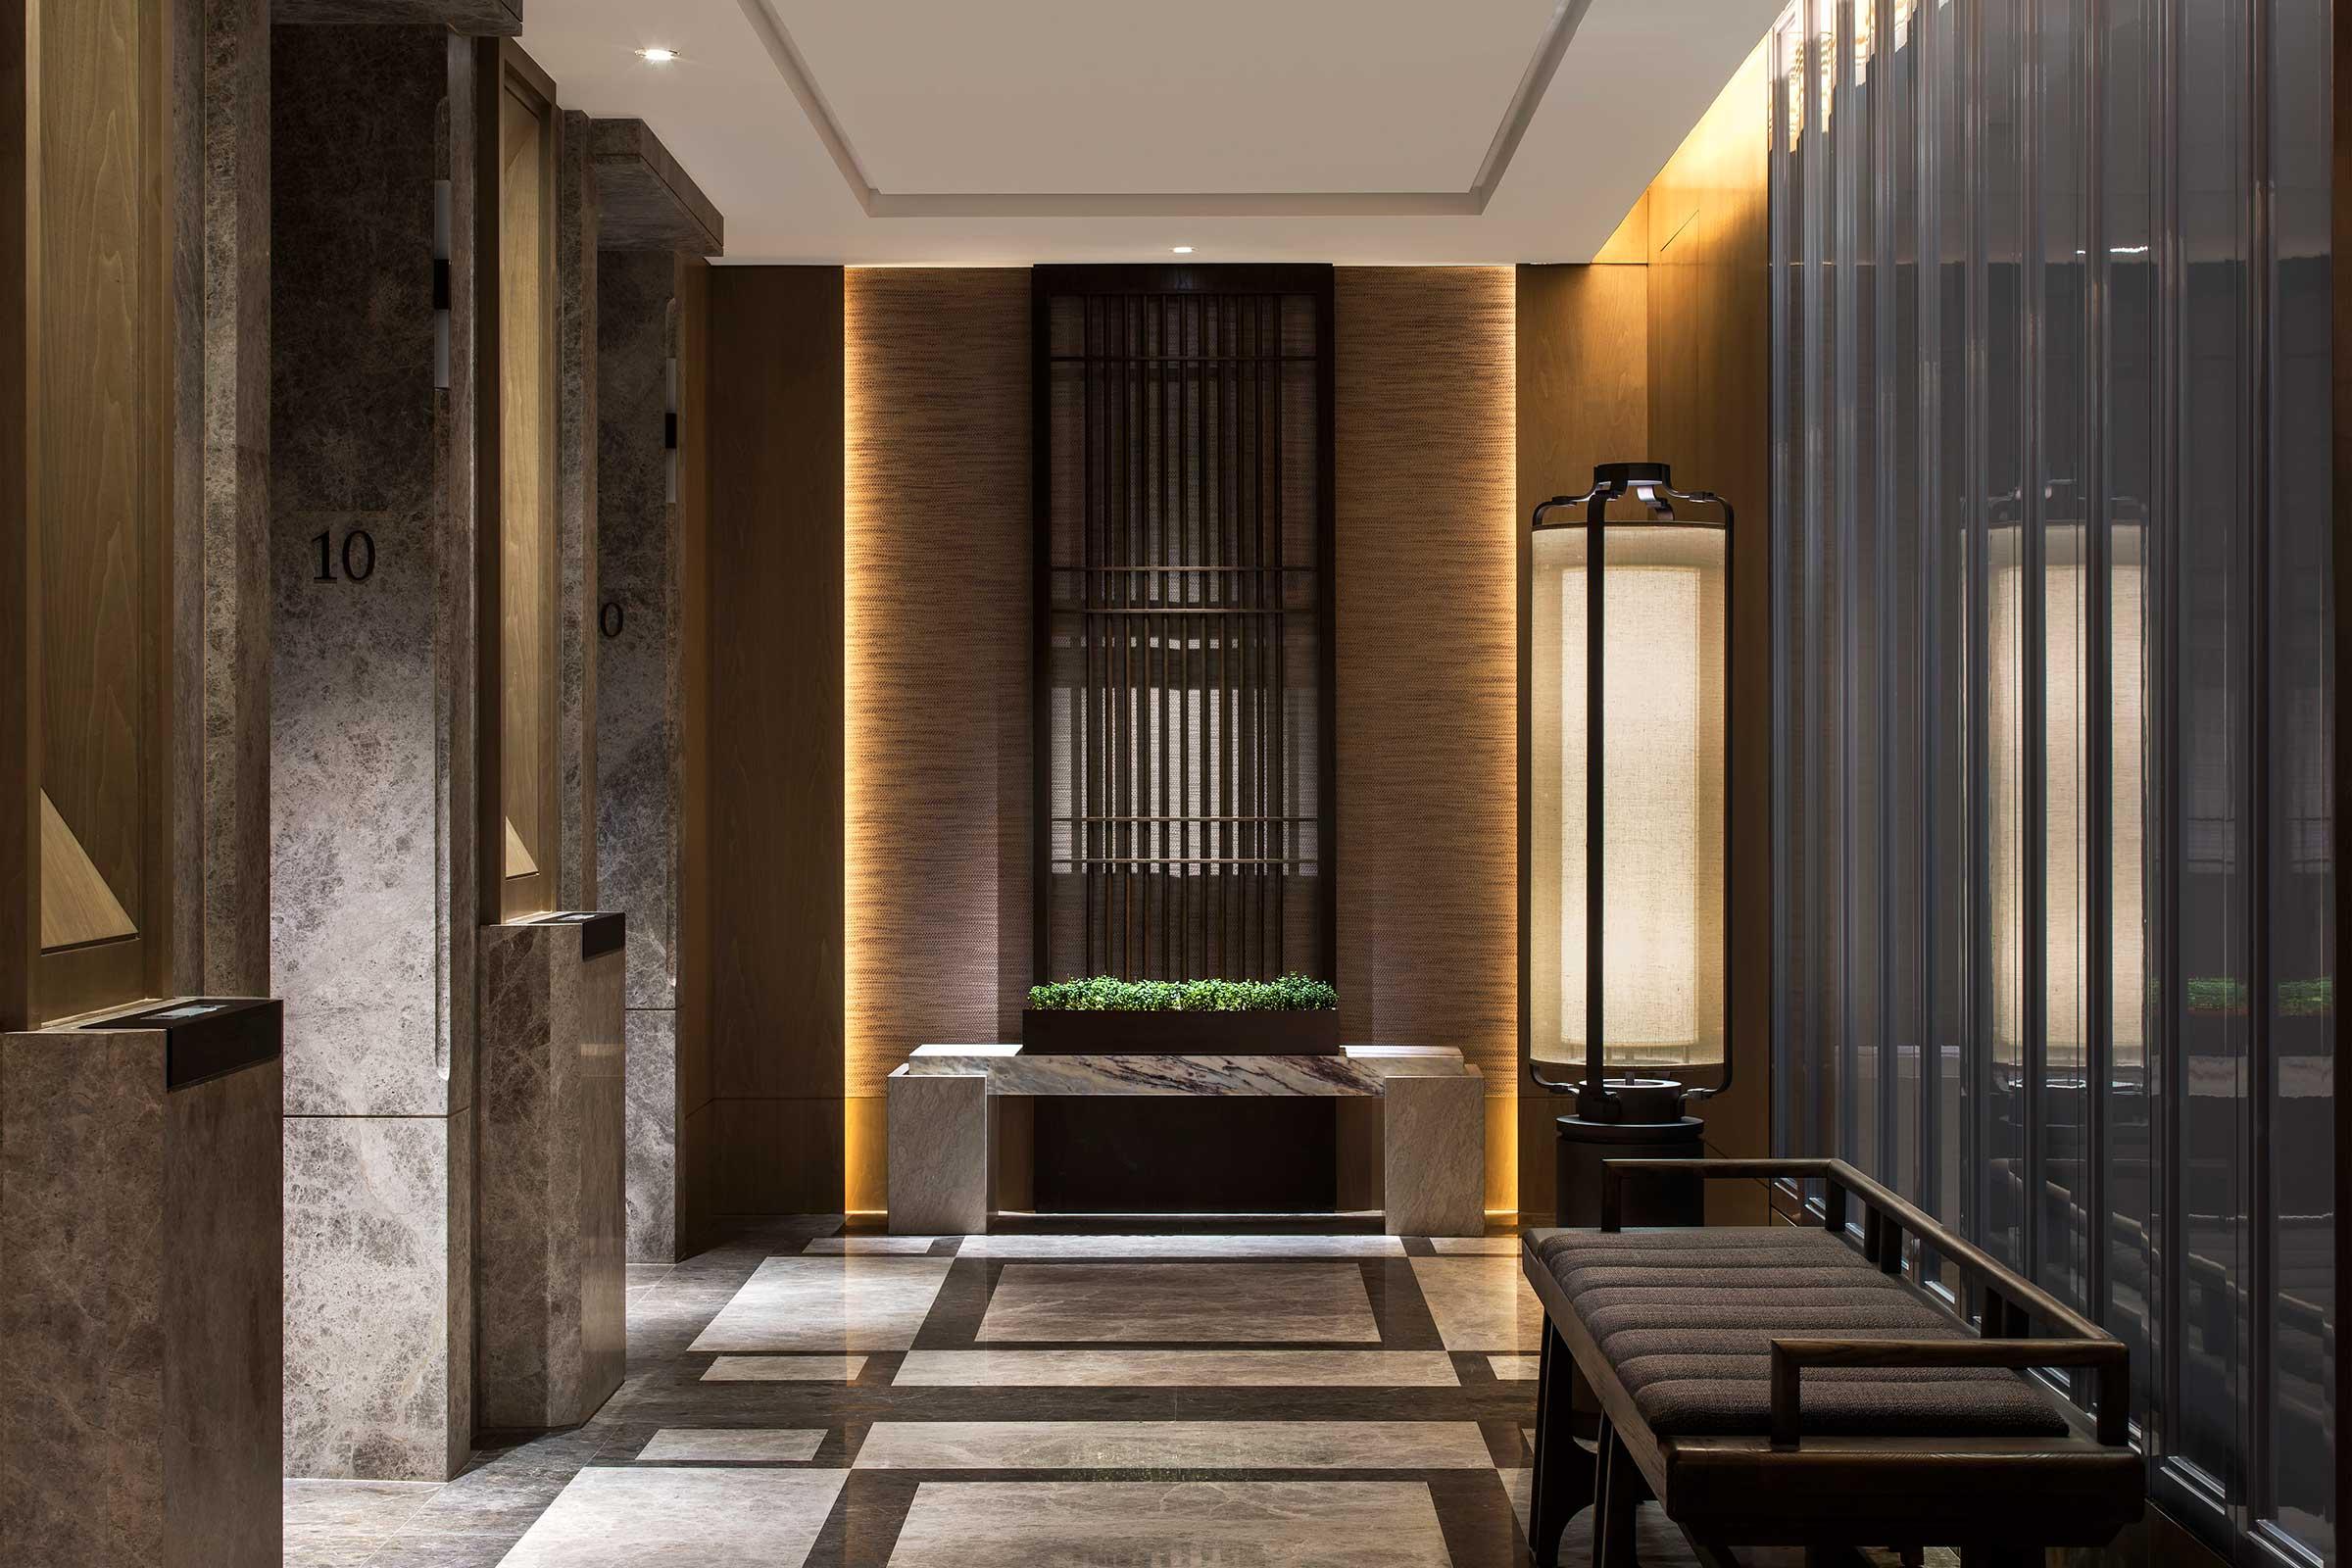 St.RegisHongKong,-Guest-Room-Floors,-Lift-Landing.jpg